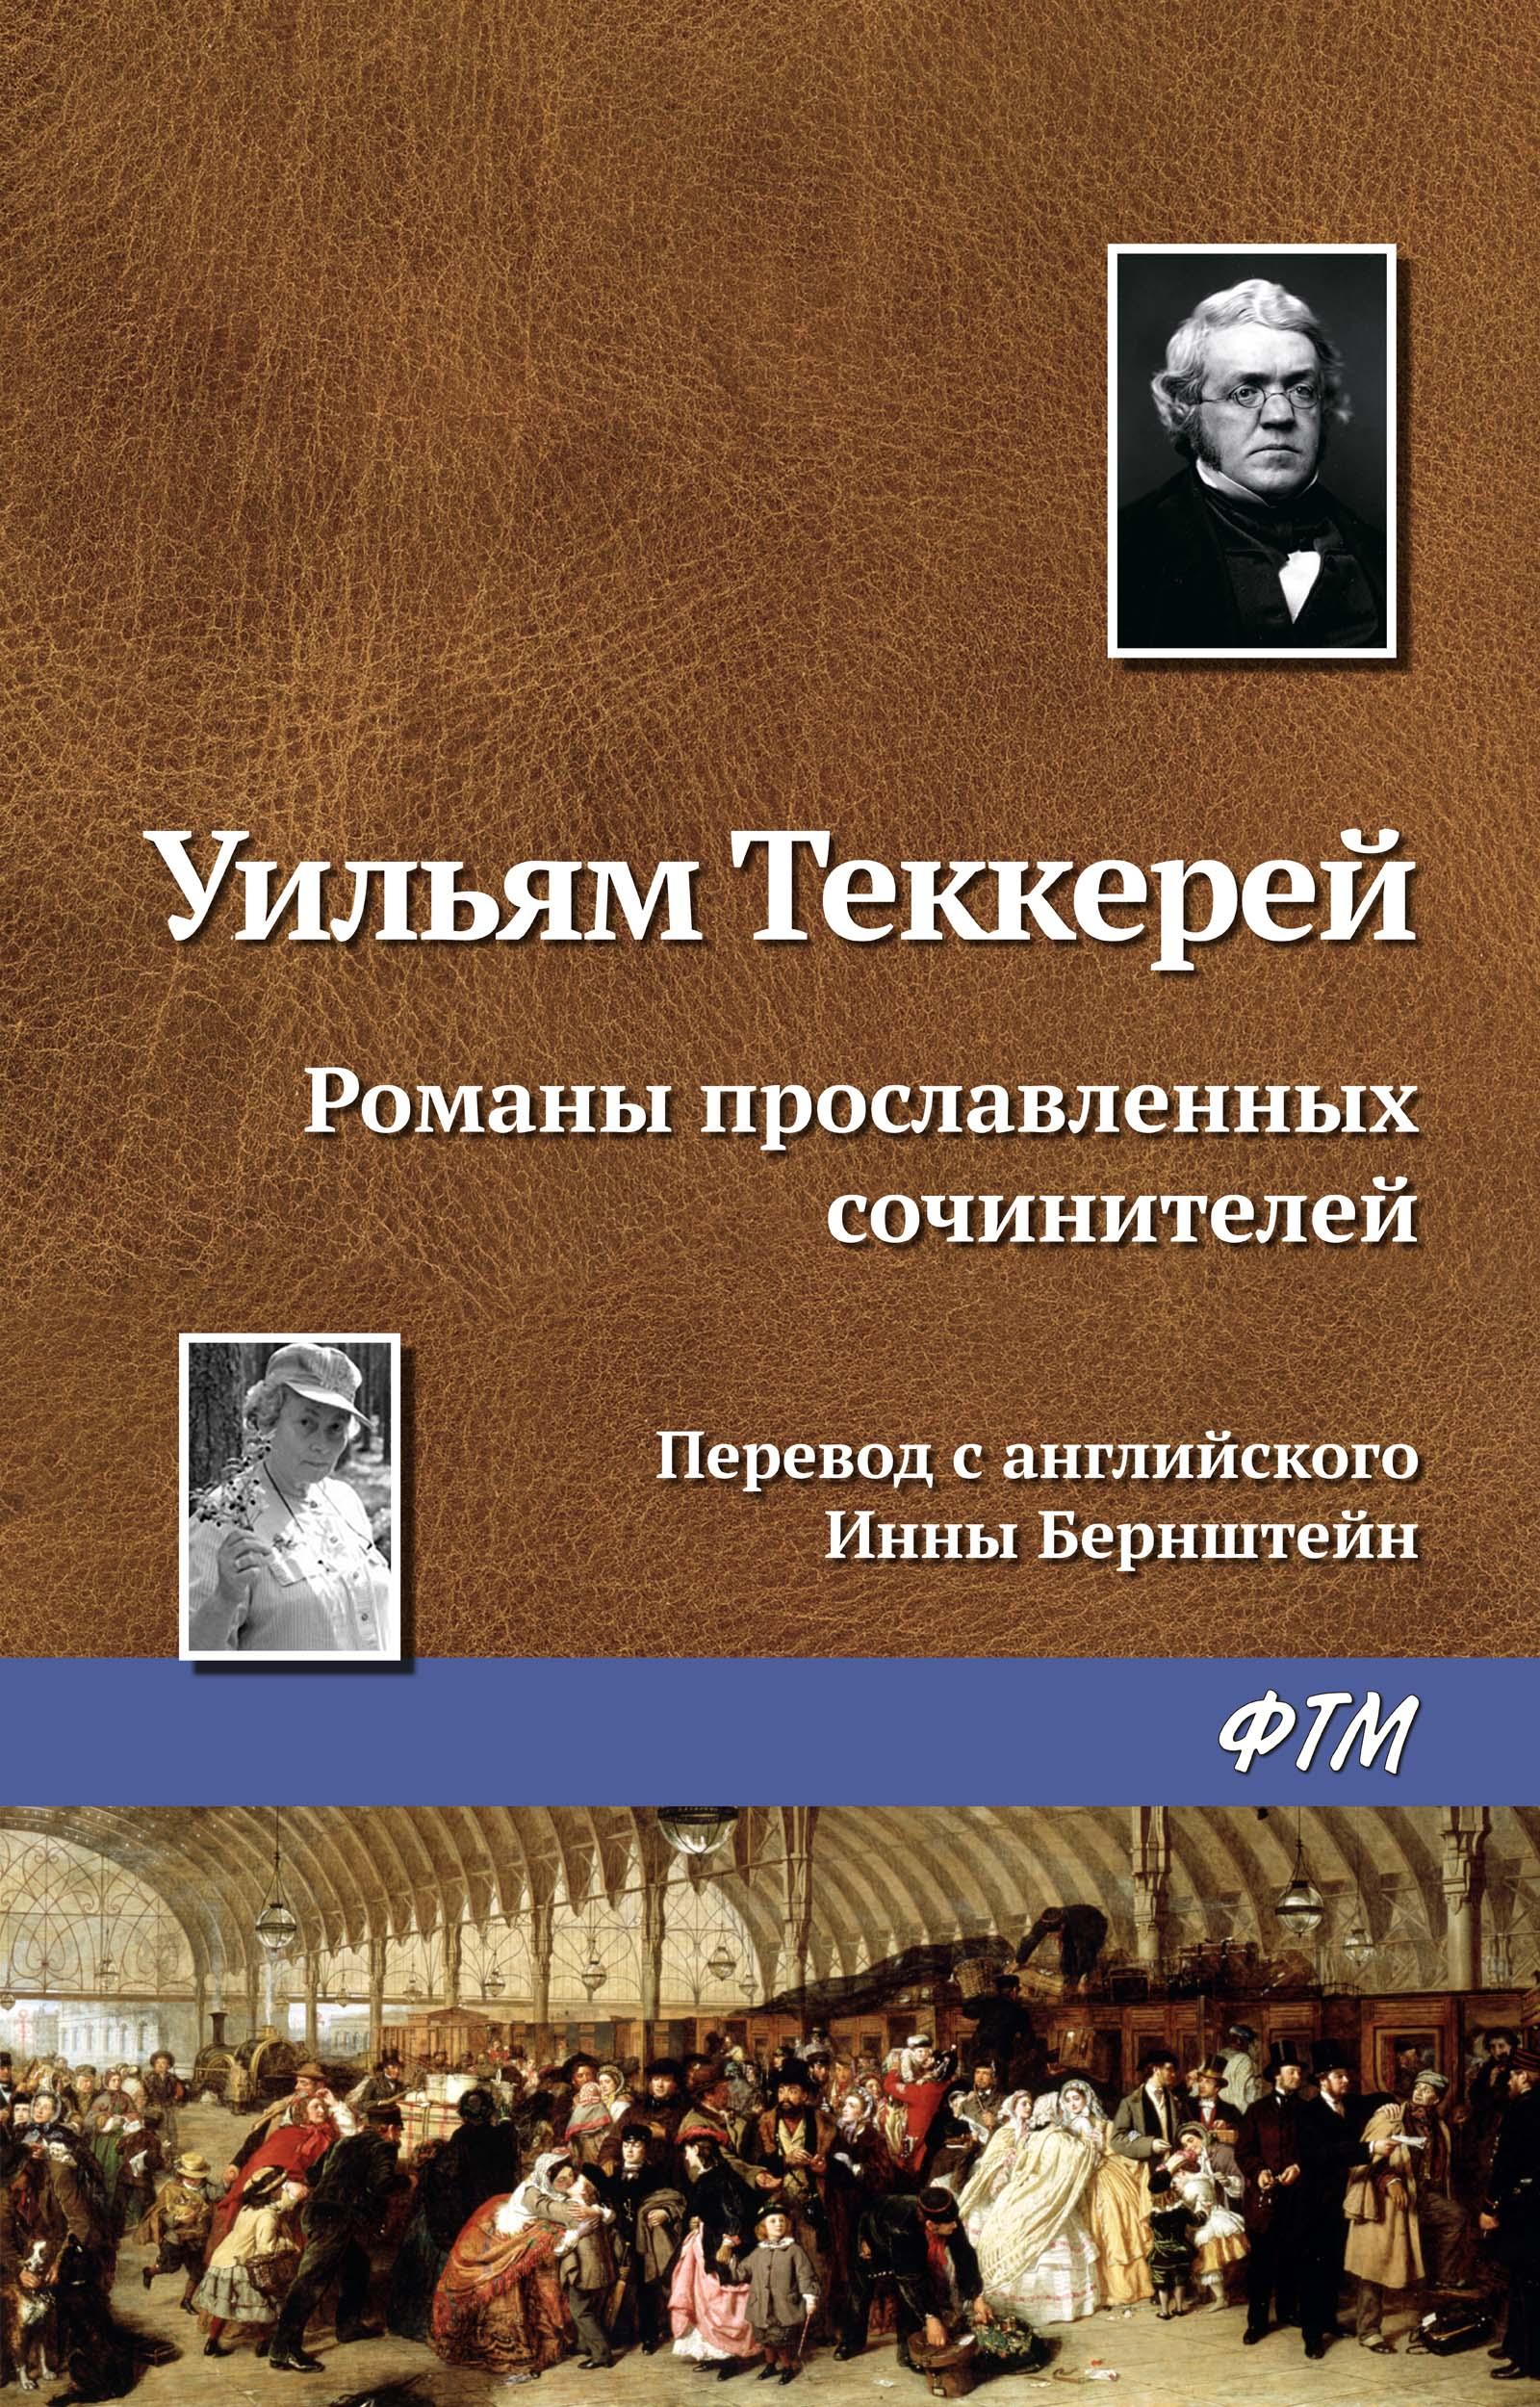 Уильям Мейкпис Теккерей Романы прославленных сочинителей уильям мейкпис теккерей жена денниса хаггарти